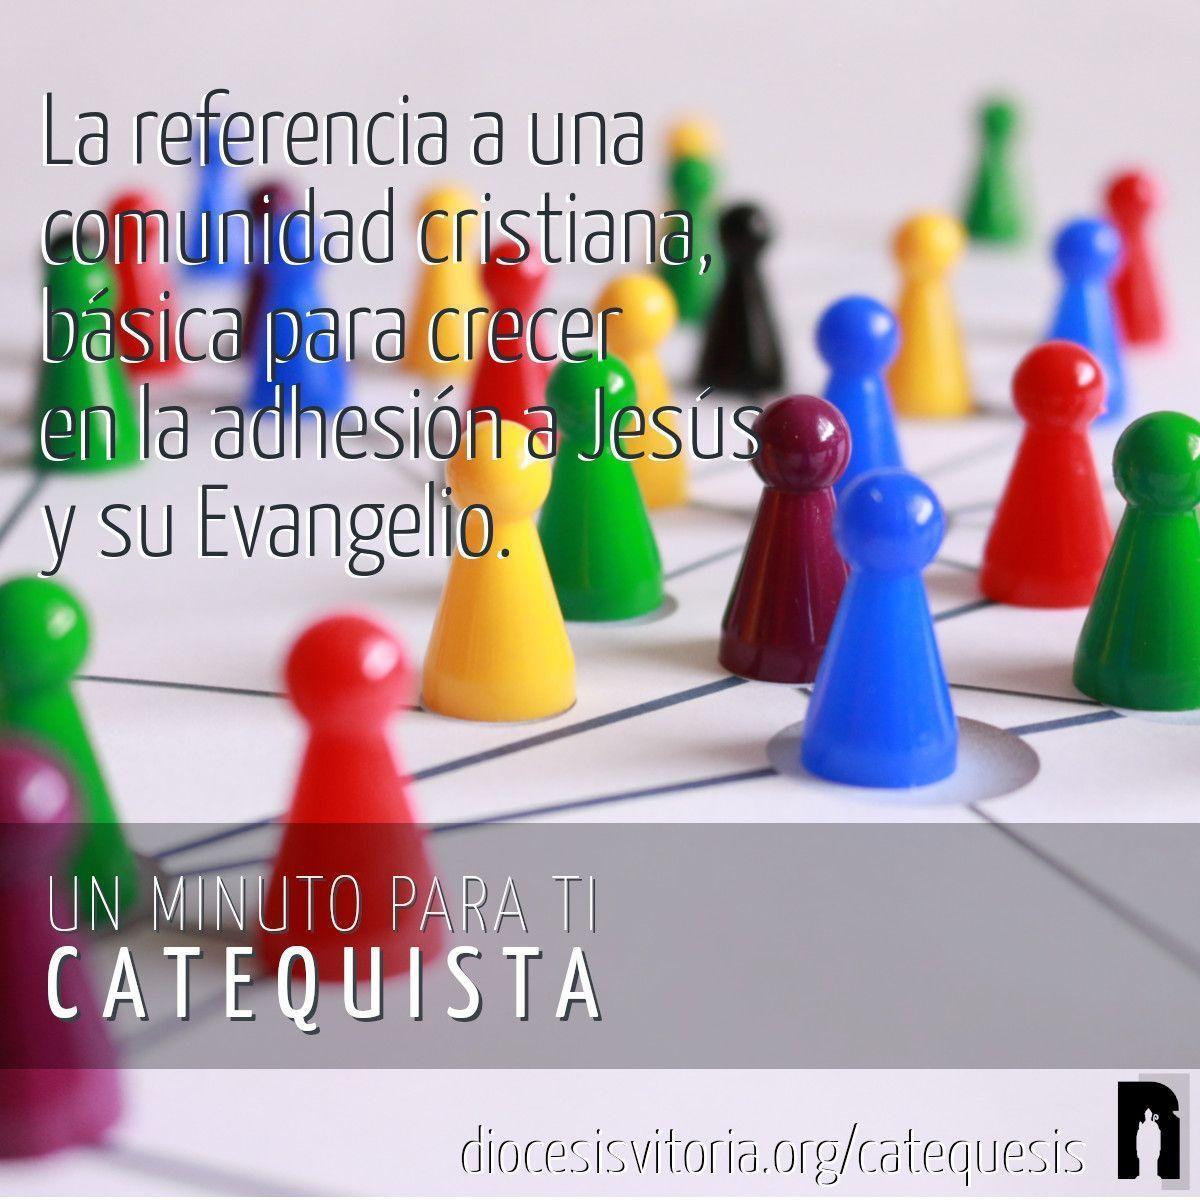 La referencia a una comunidad cristiana, básica para crecer en la adhesión a Jesús y su Evangelio.